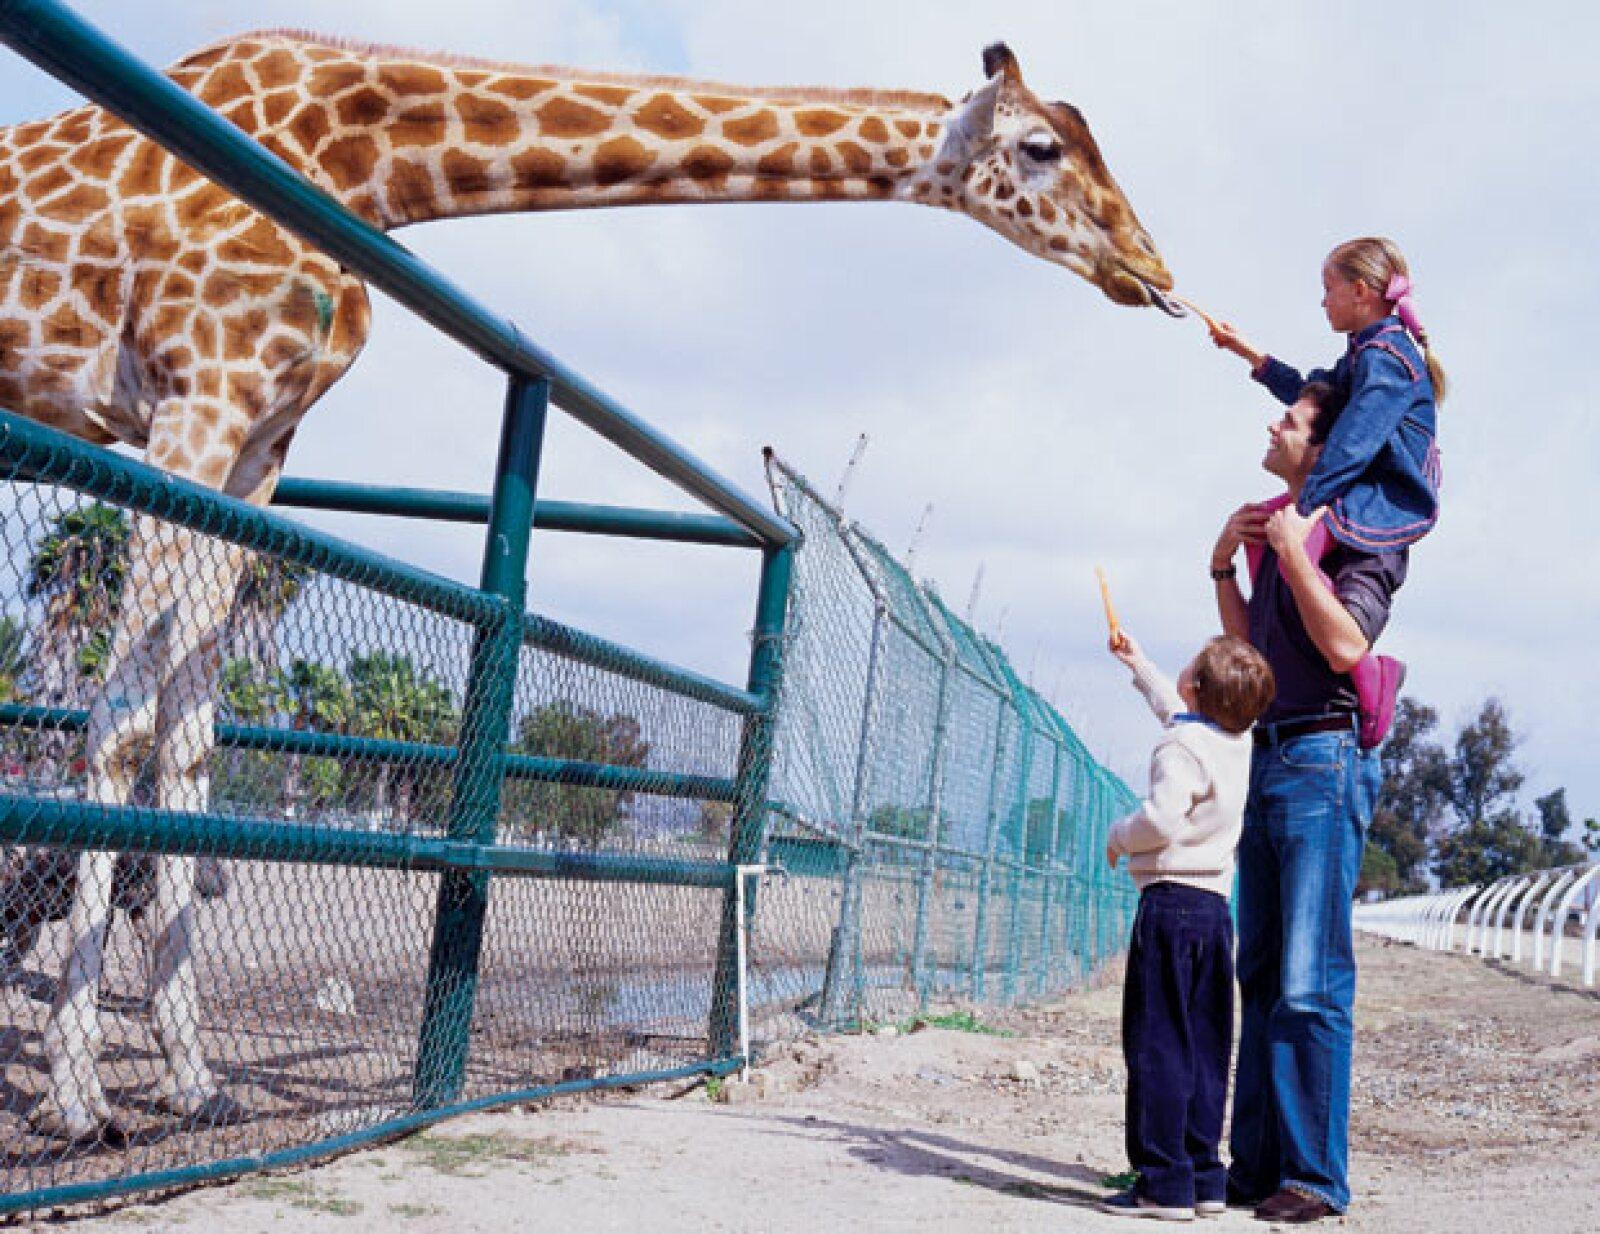 El doctor Campos, veterinario del lugar, nos dijo en ese entonces que había más de 54 especies de mamíferos en el zoológico.